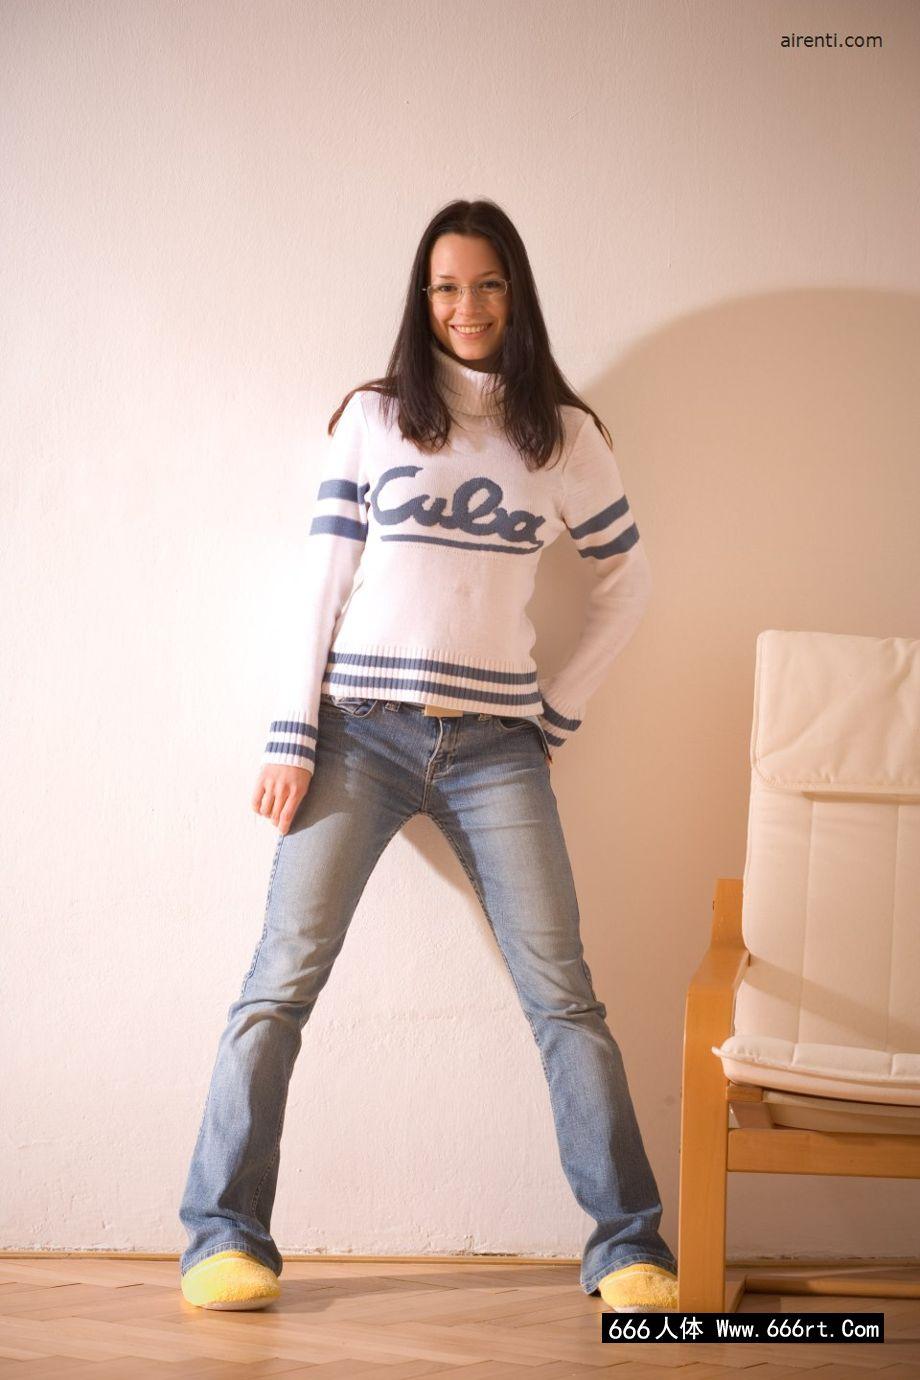 美国高中的学生凯瑟琳在家自拍内裤写照_学生自拍20p